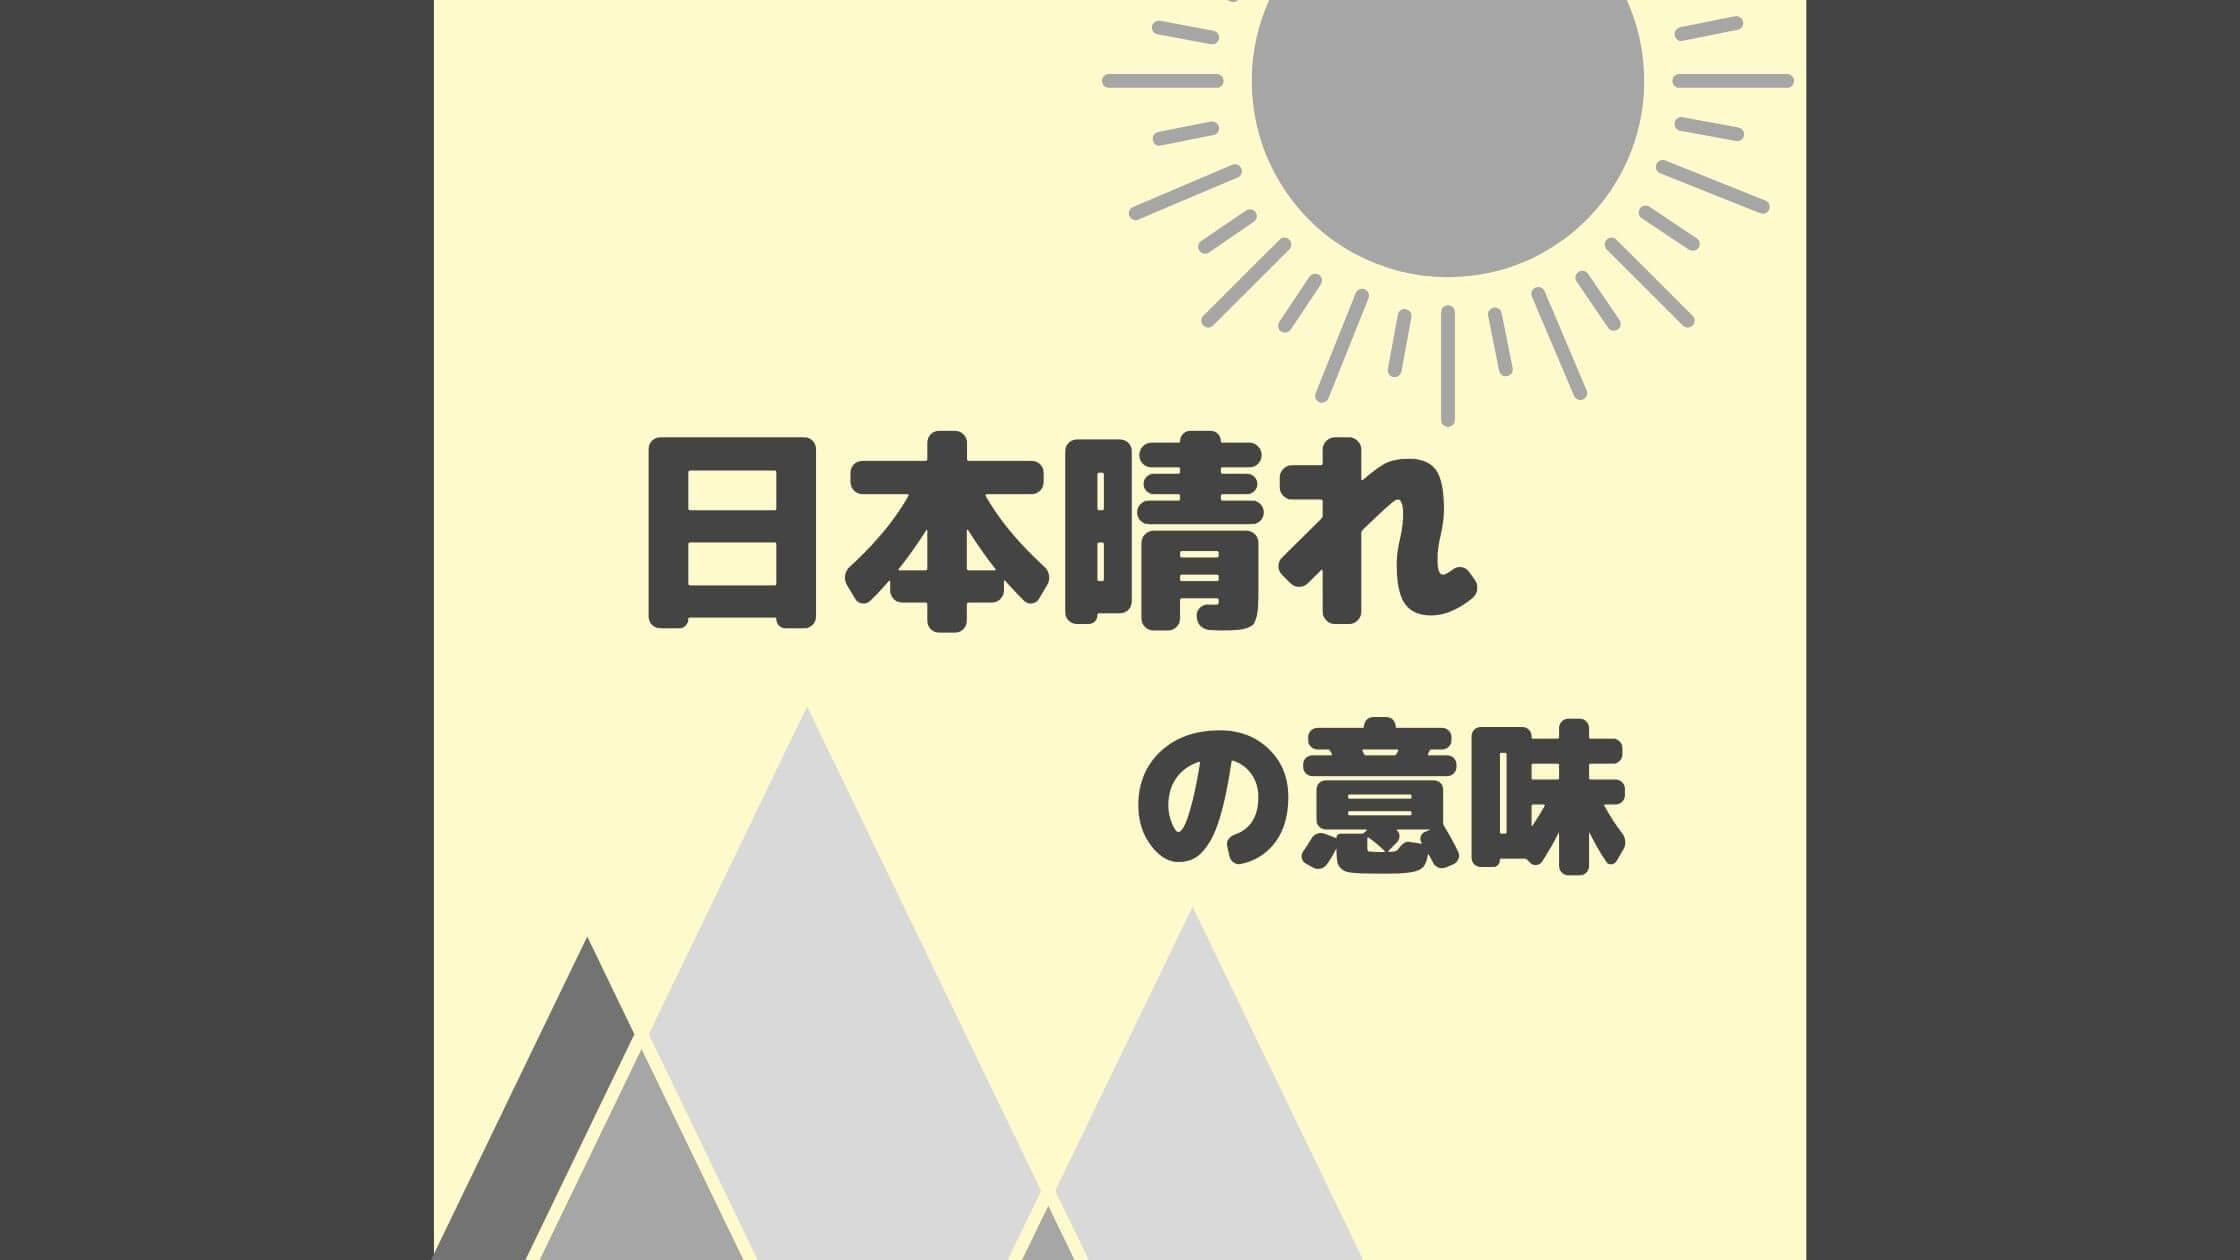 日本晴れの意味と語源